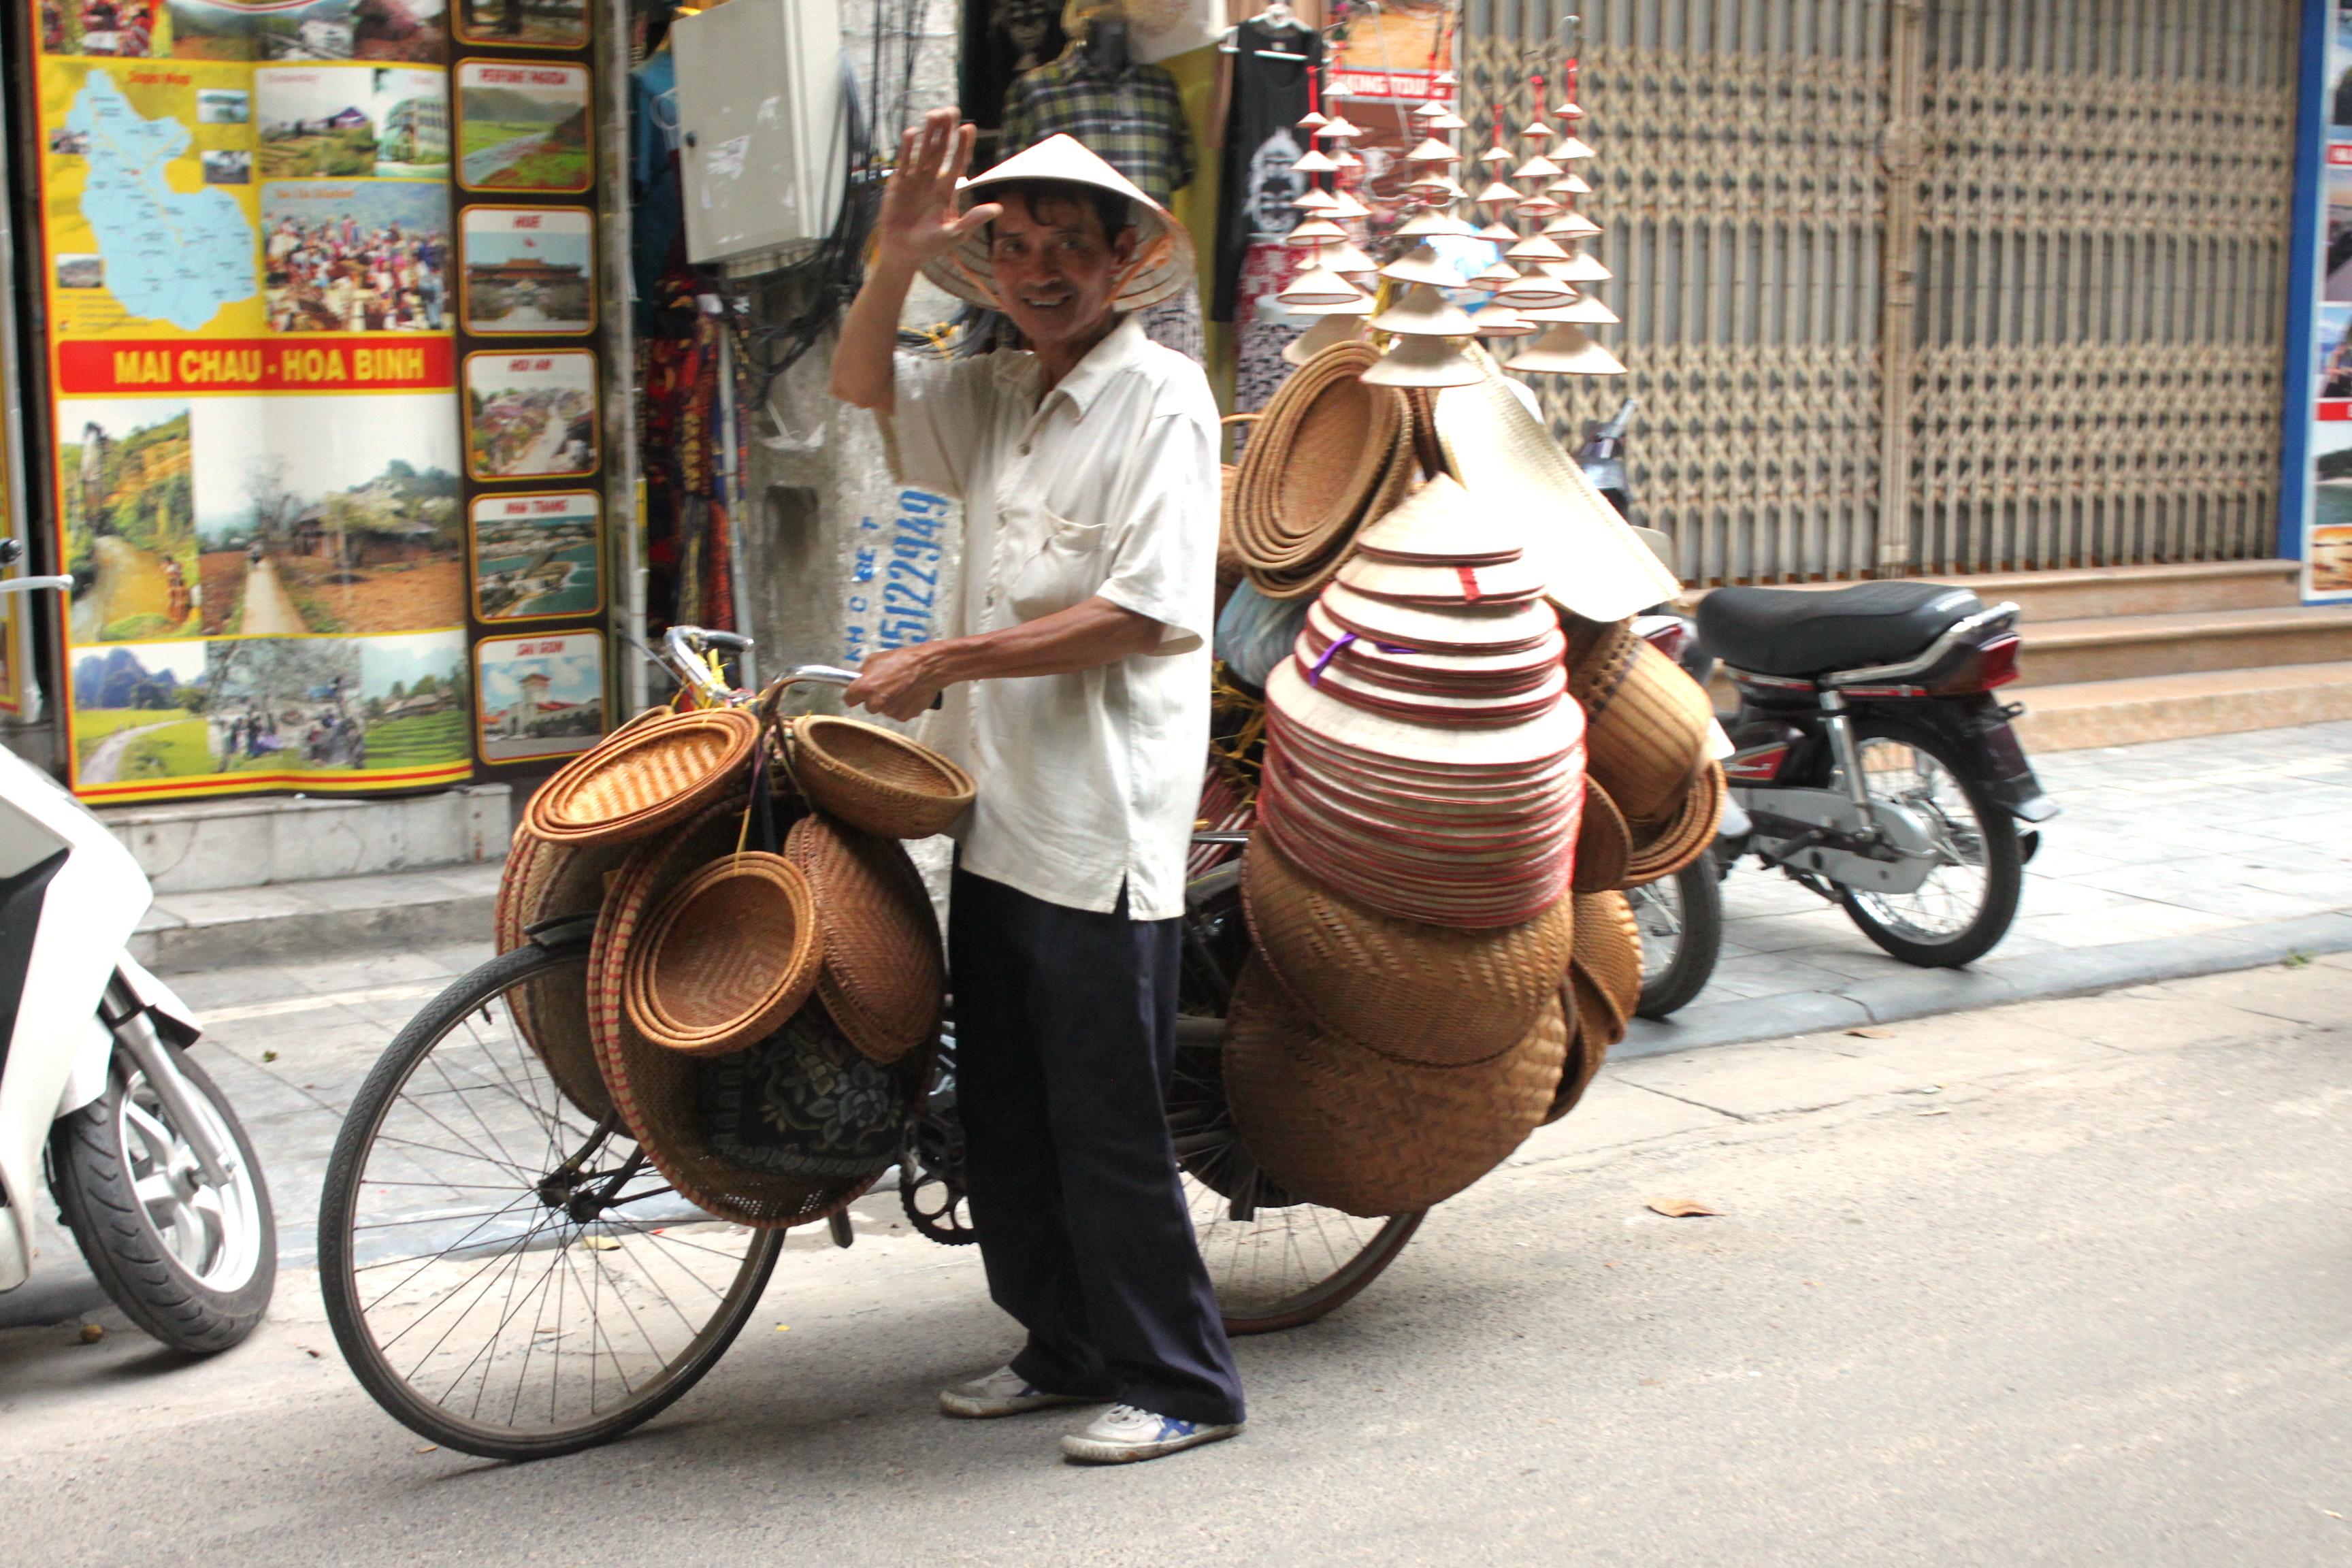 ragazza vietnamita incontri cultura come chiudere conto dating uniforme